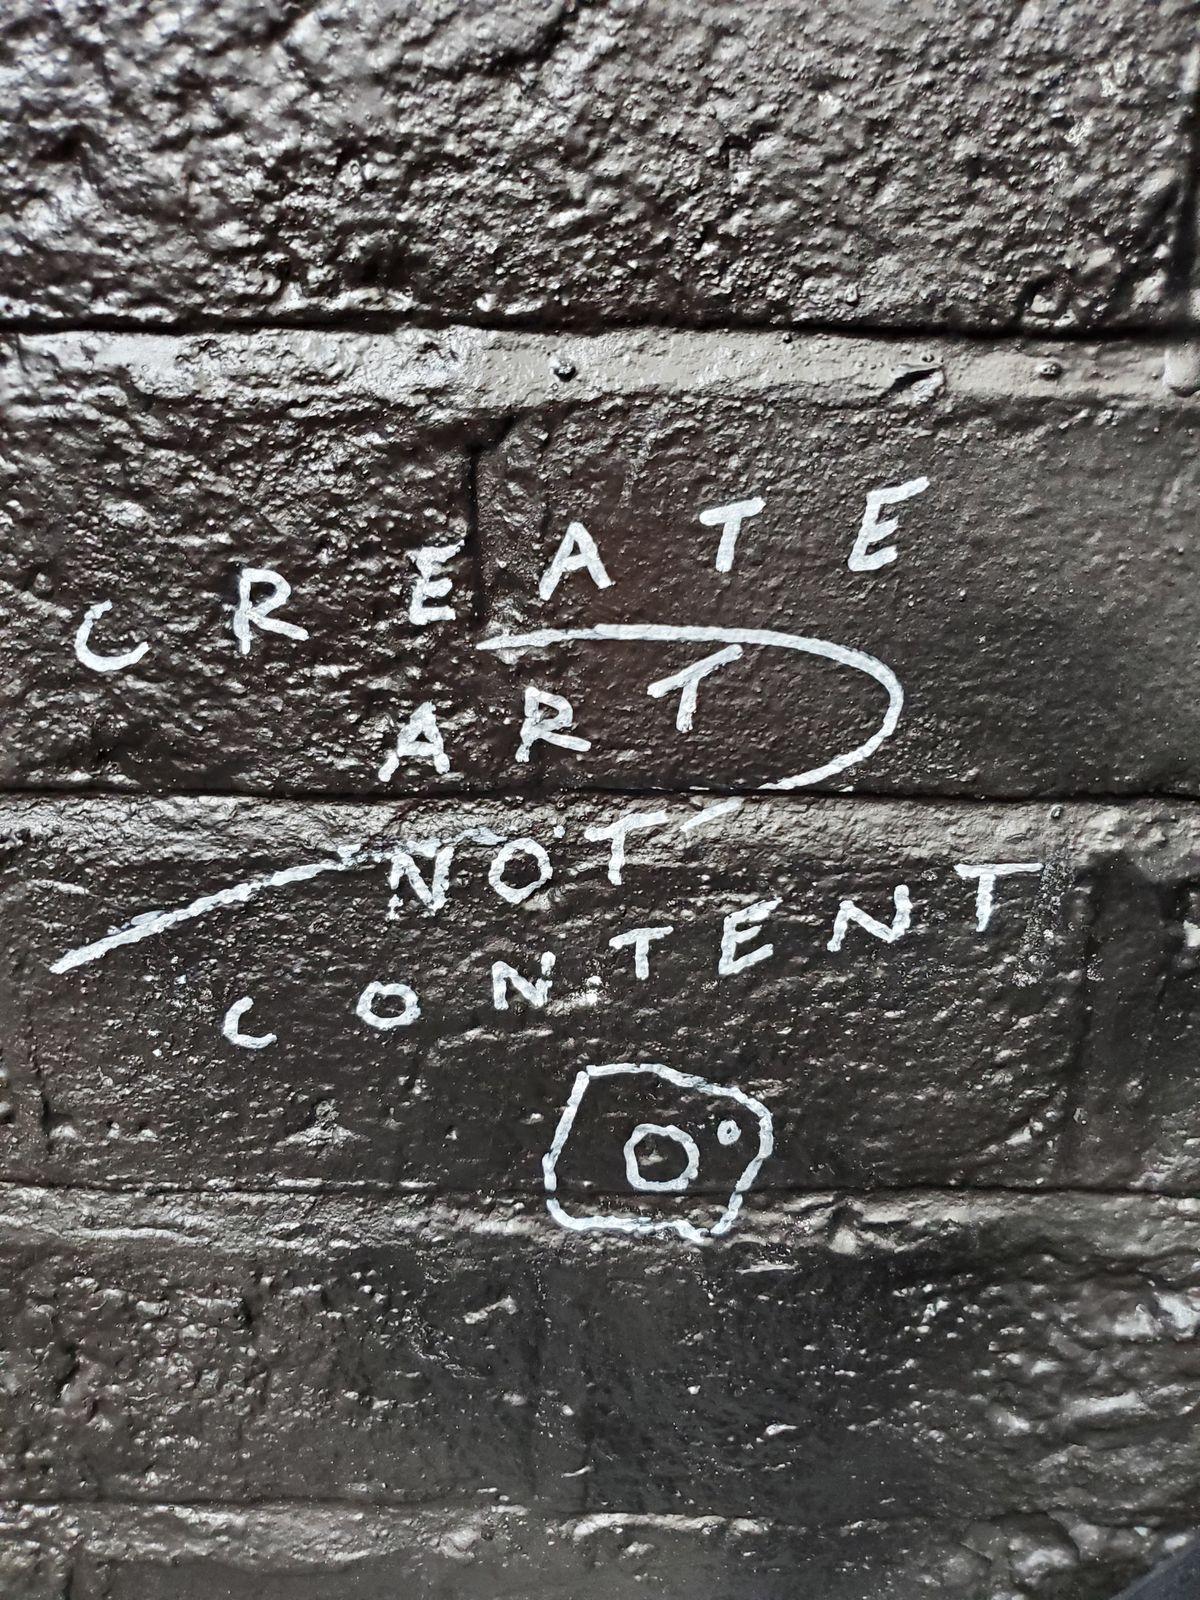 Graffiti on the walls